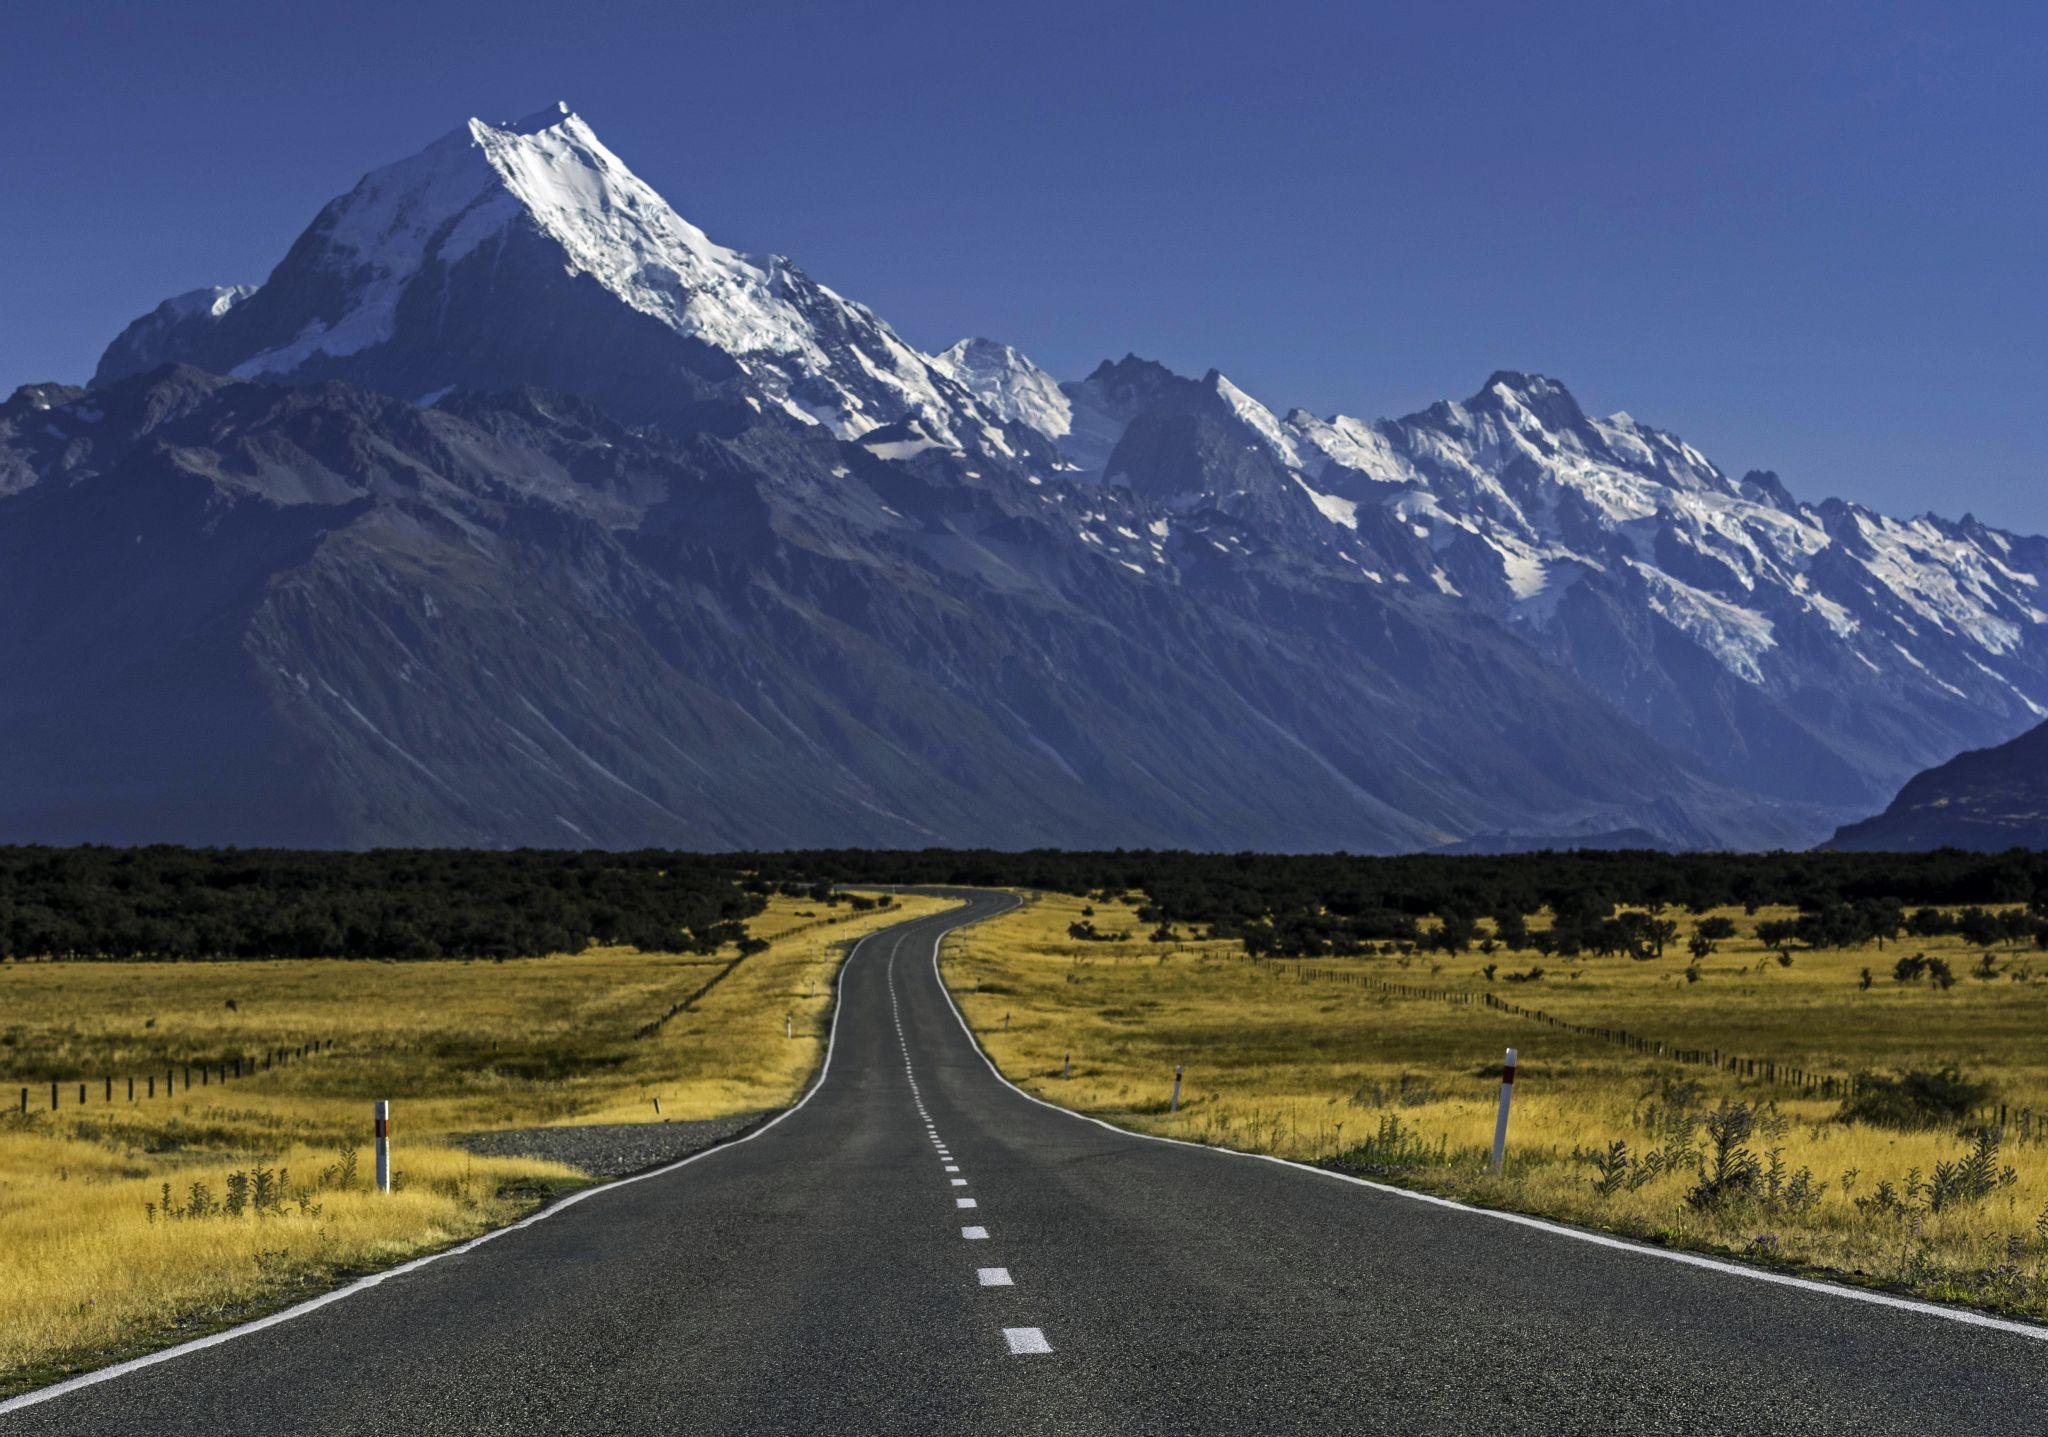 Mount Sefton-Mount Cook Highway, New Zealand